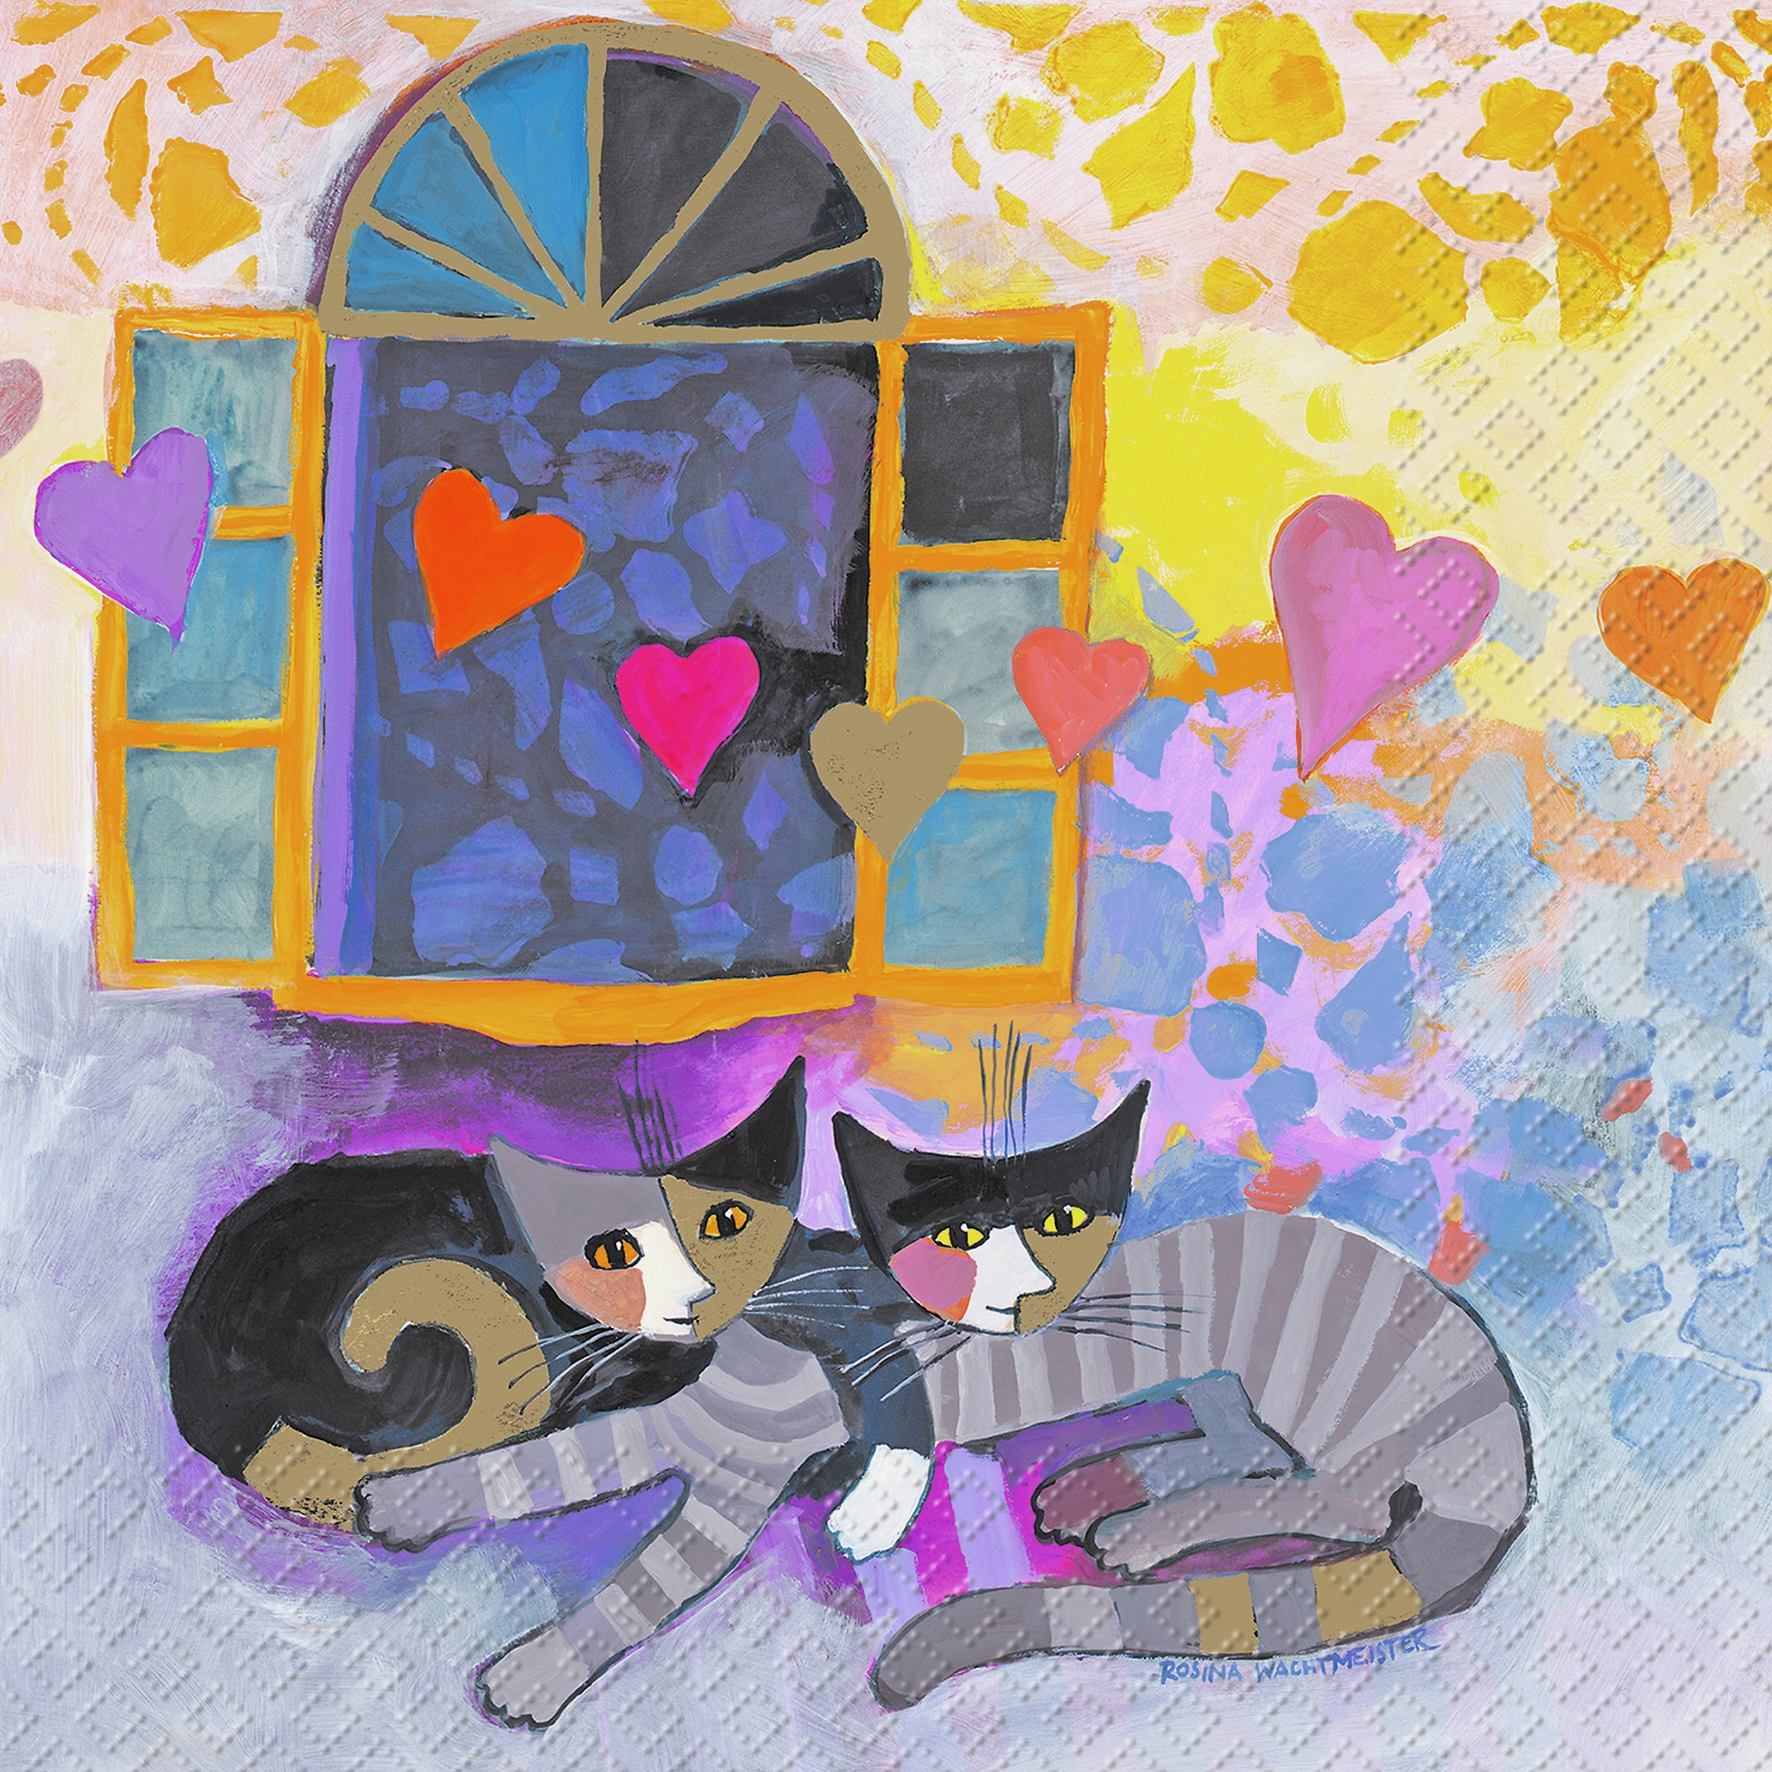 Lunch Servietten Flying Hearts,  Tiere - Katzen,  Sonstiges - Bilder / Gemälde,  Everyday,  lunchservietten,  Katzen,  Herz